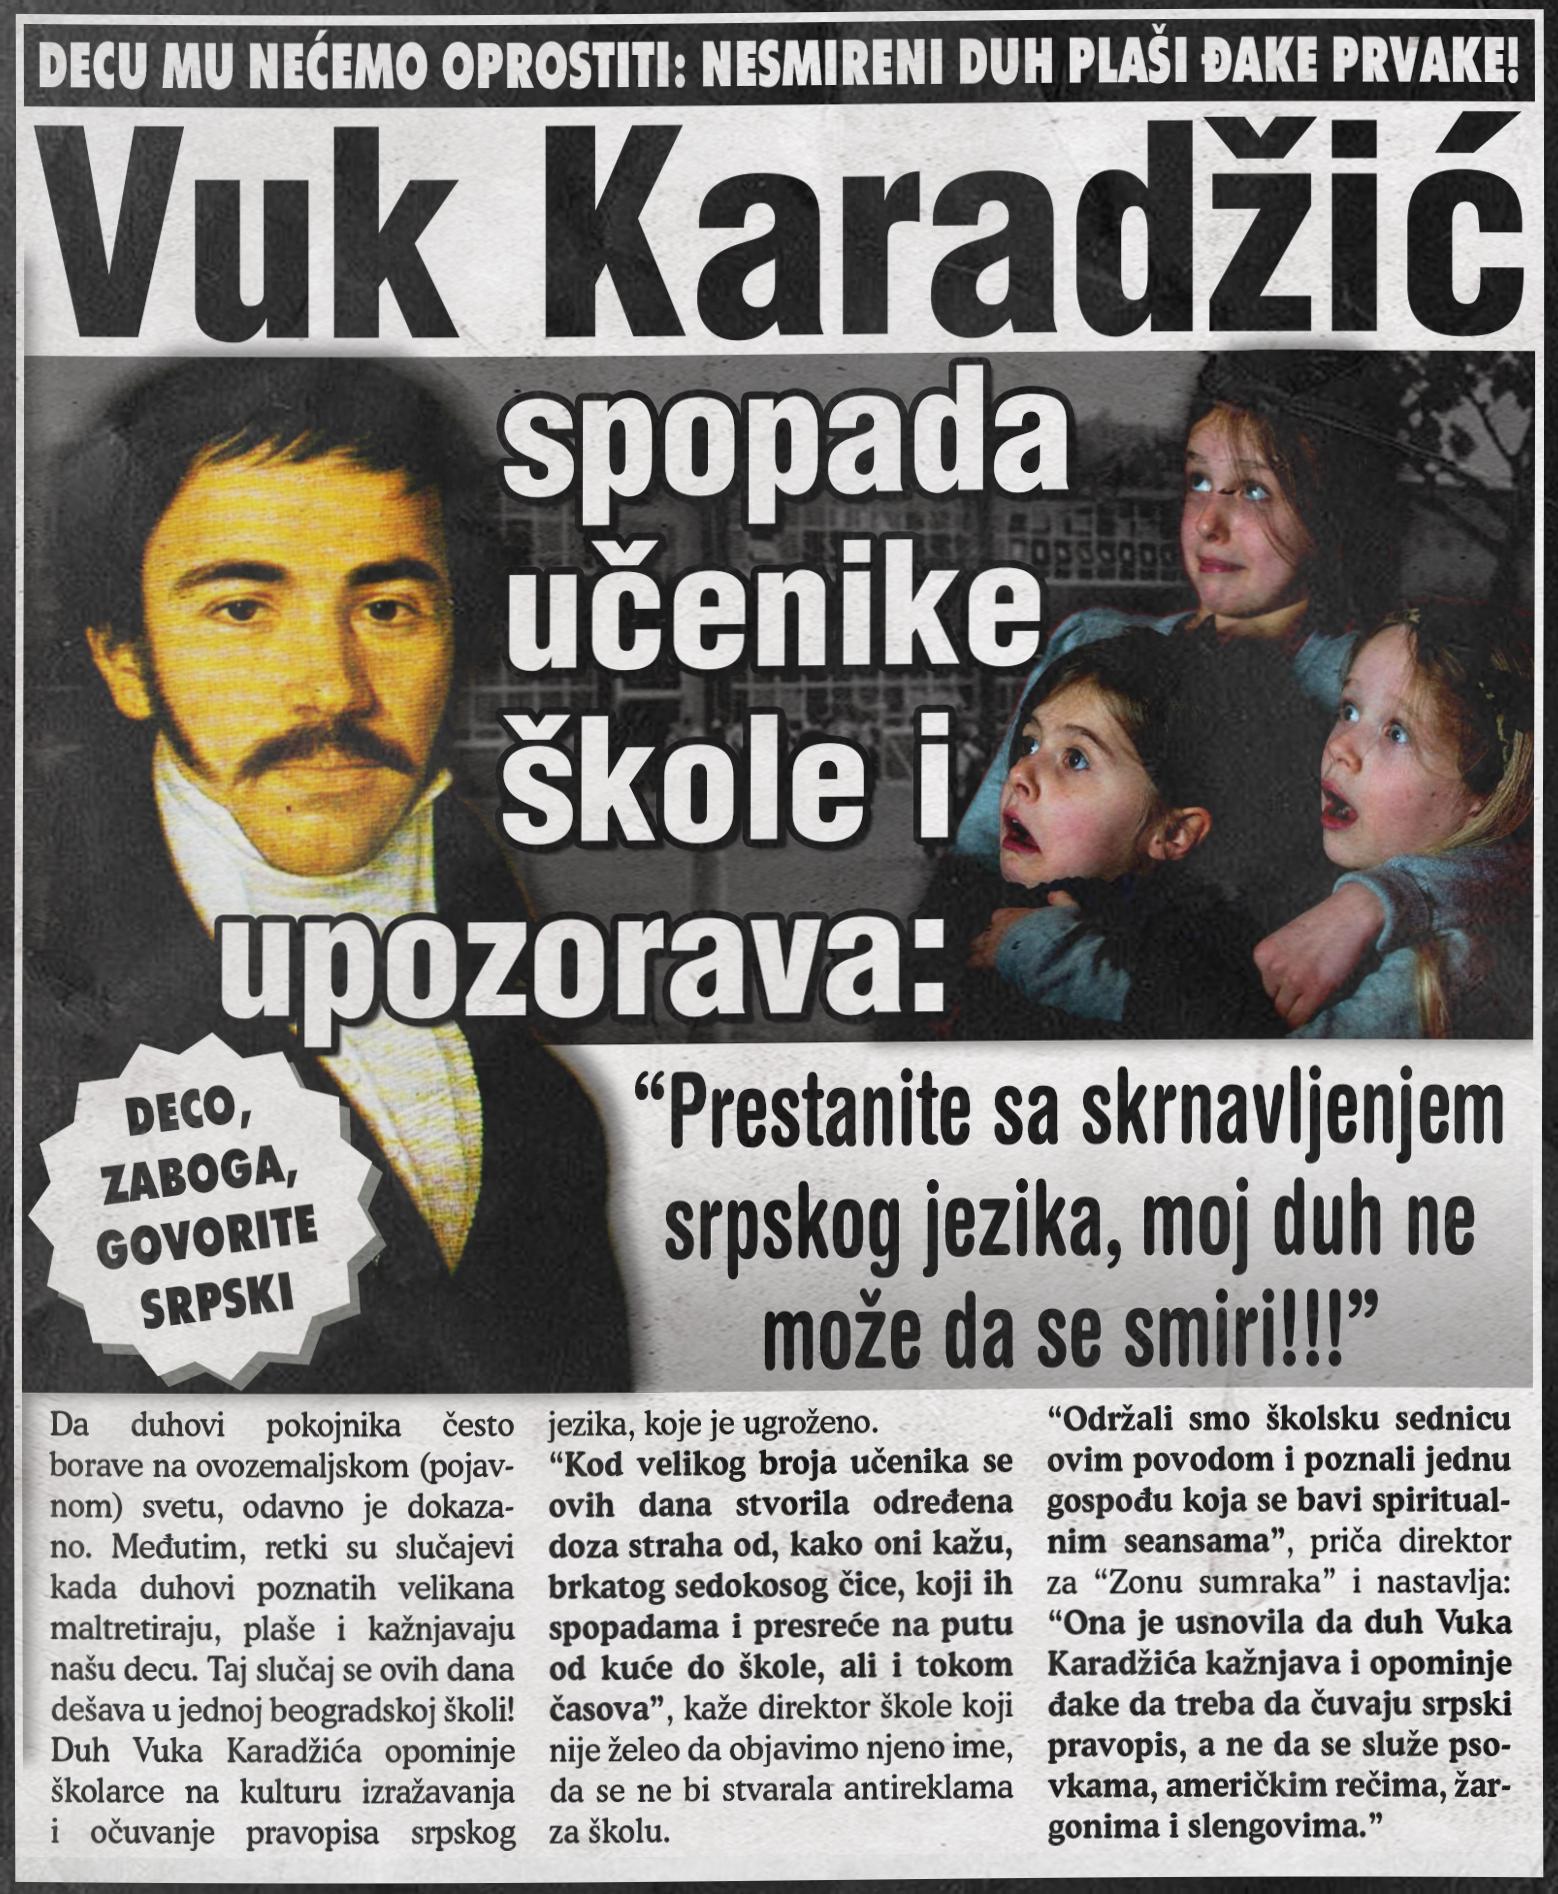 Duh Vuka Karadžića spopada učenike škole i upozorava...